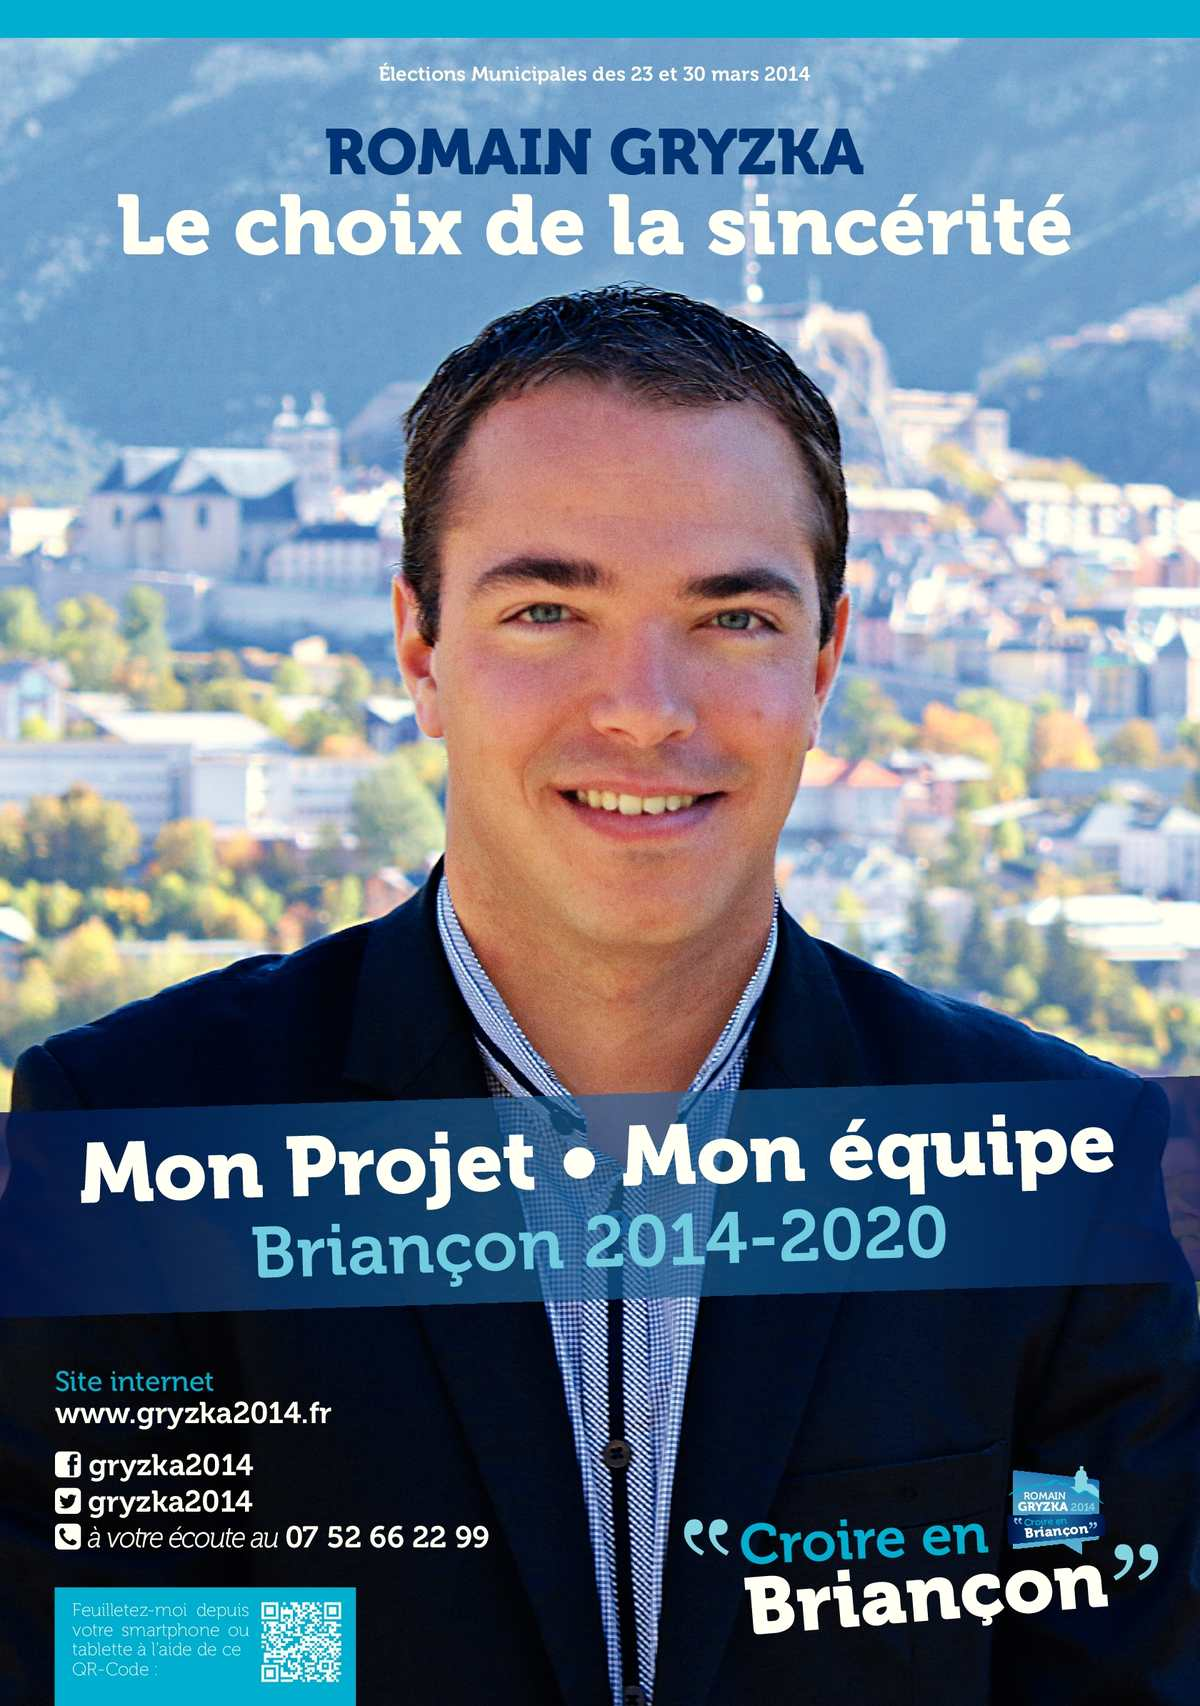 Romain Gryzka / Croire en Briançon : Mon projet - Mon équipe